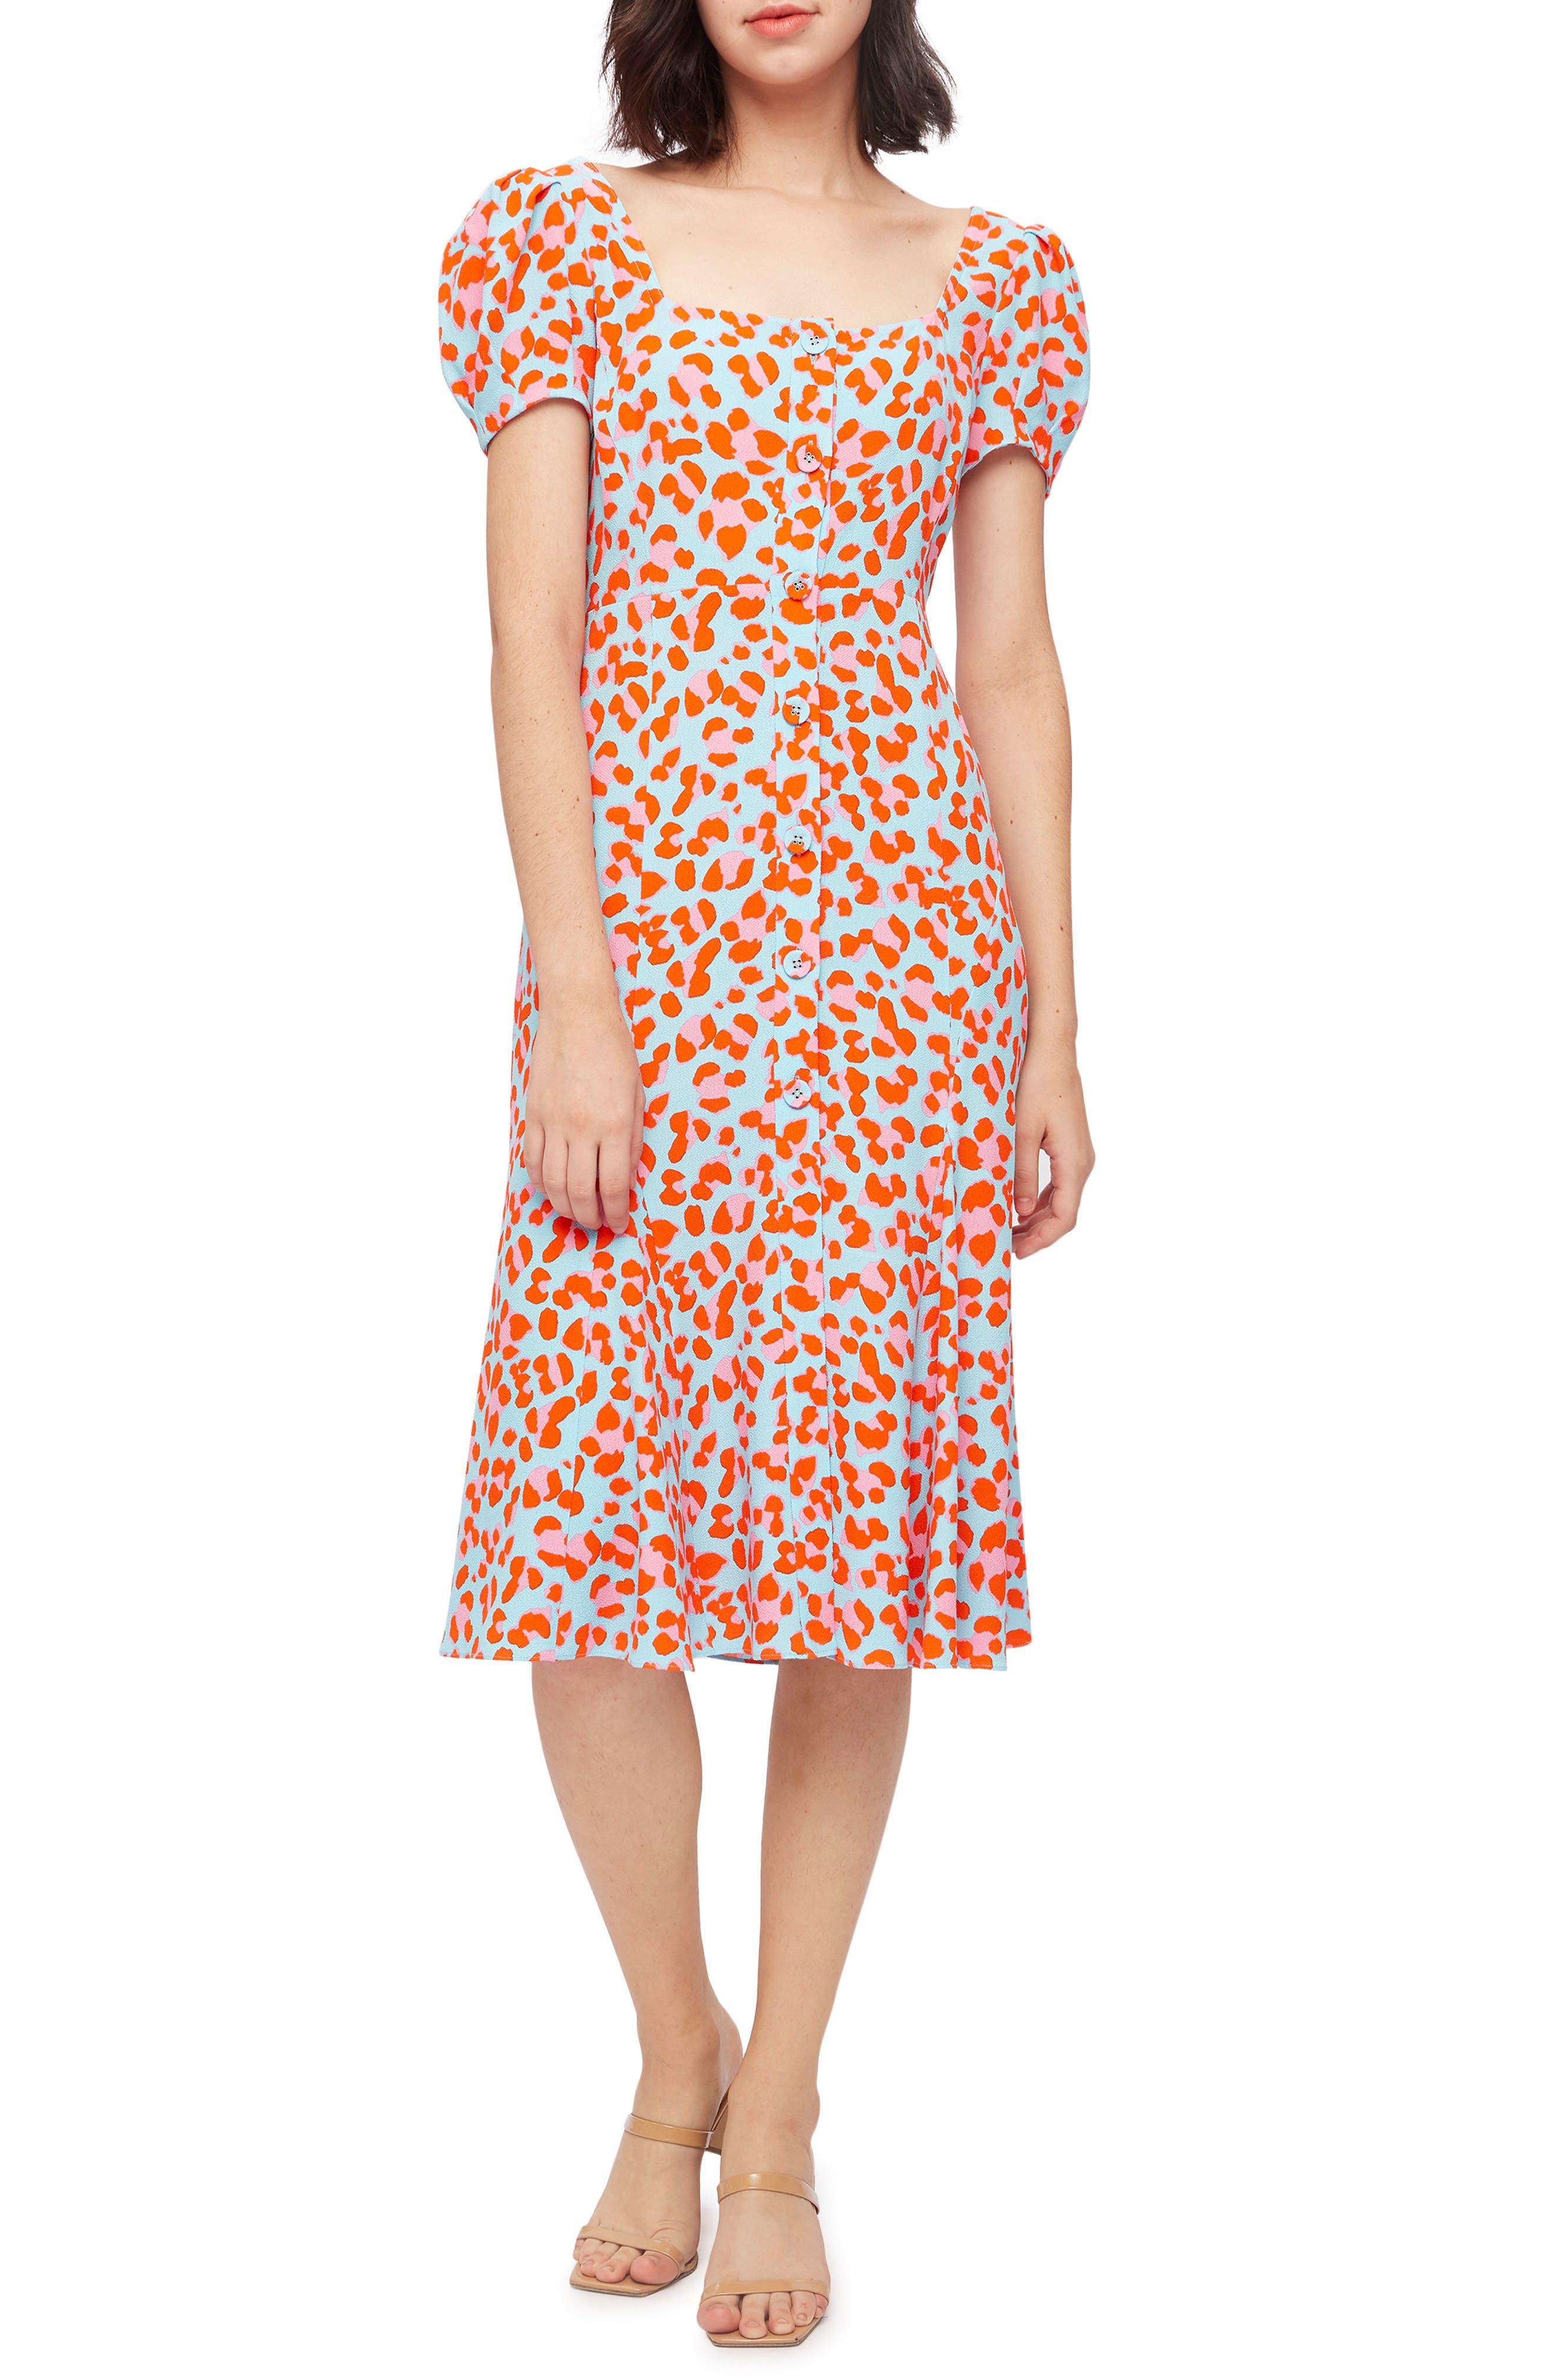 Elena Leopard Dress